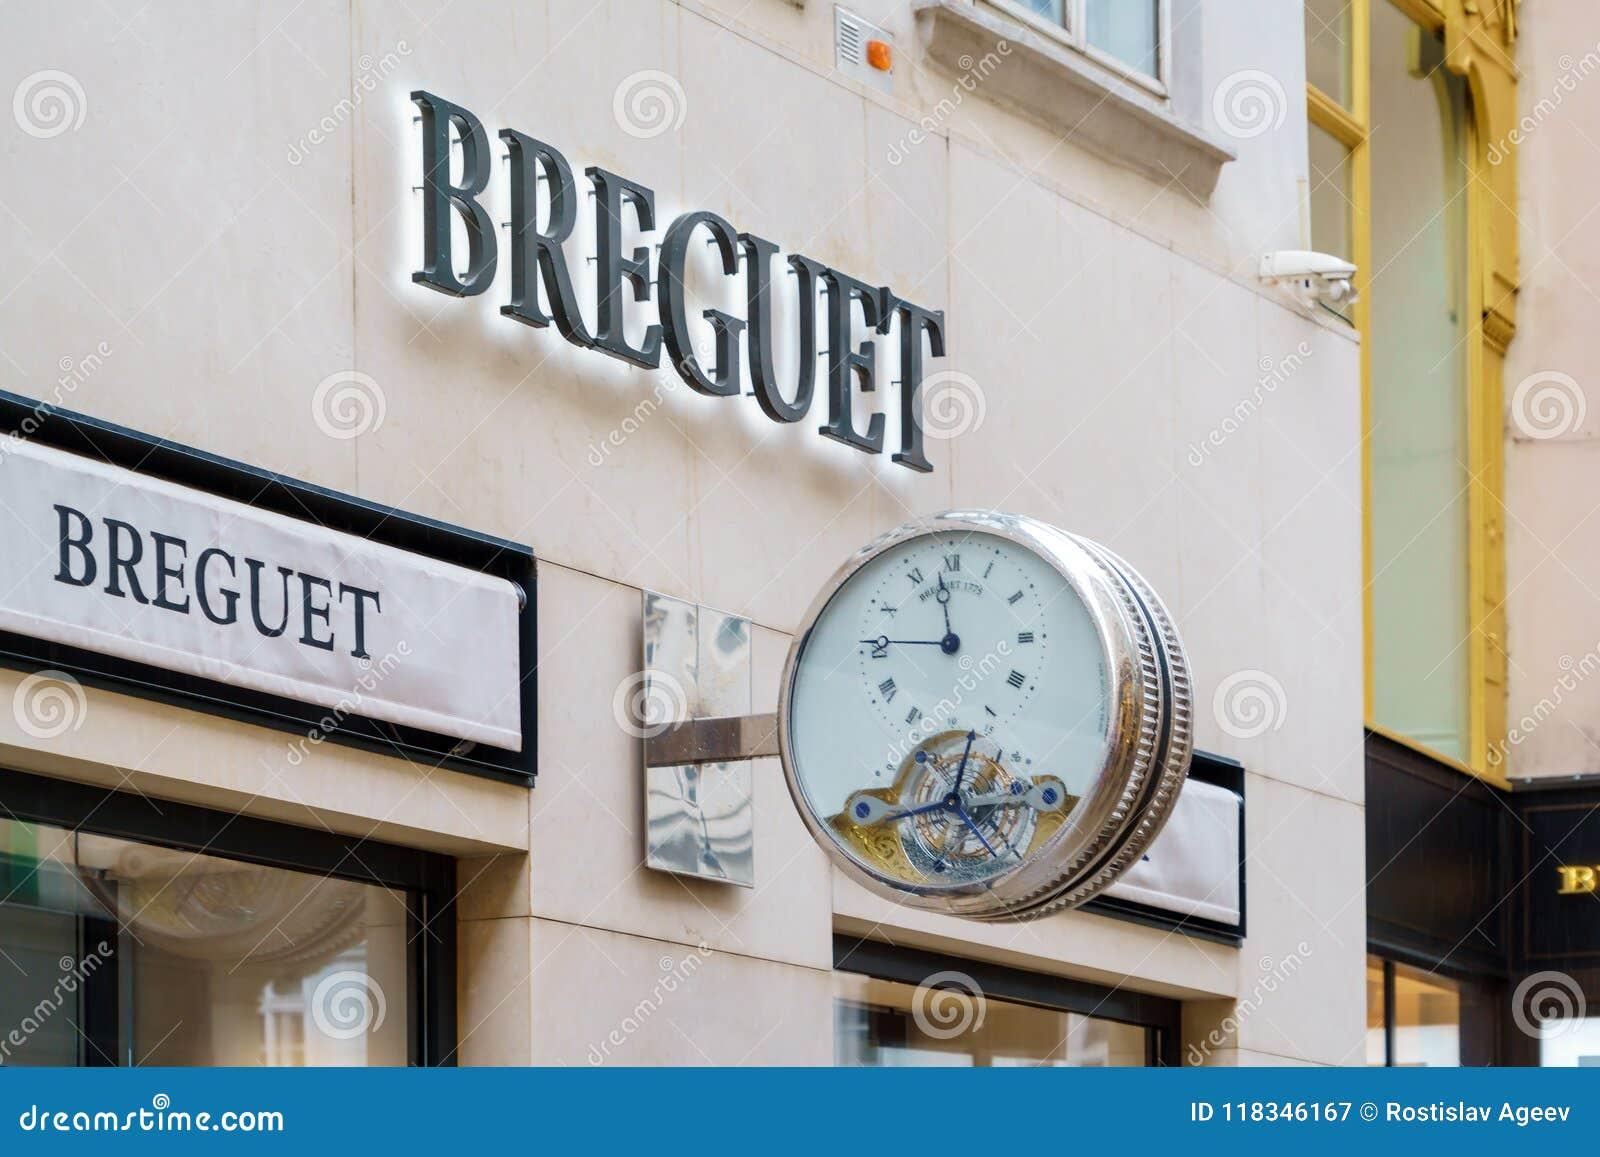 Advertizingtecken i form av klockan Breguet, Wien, Österrike